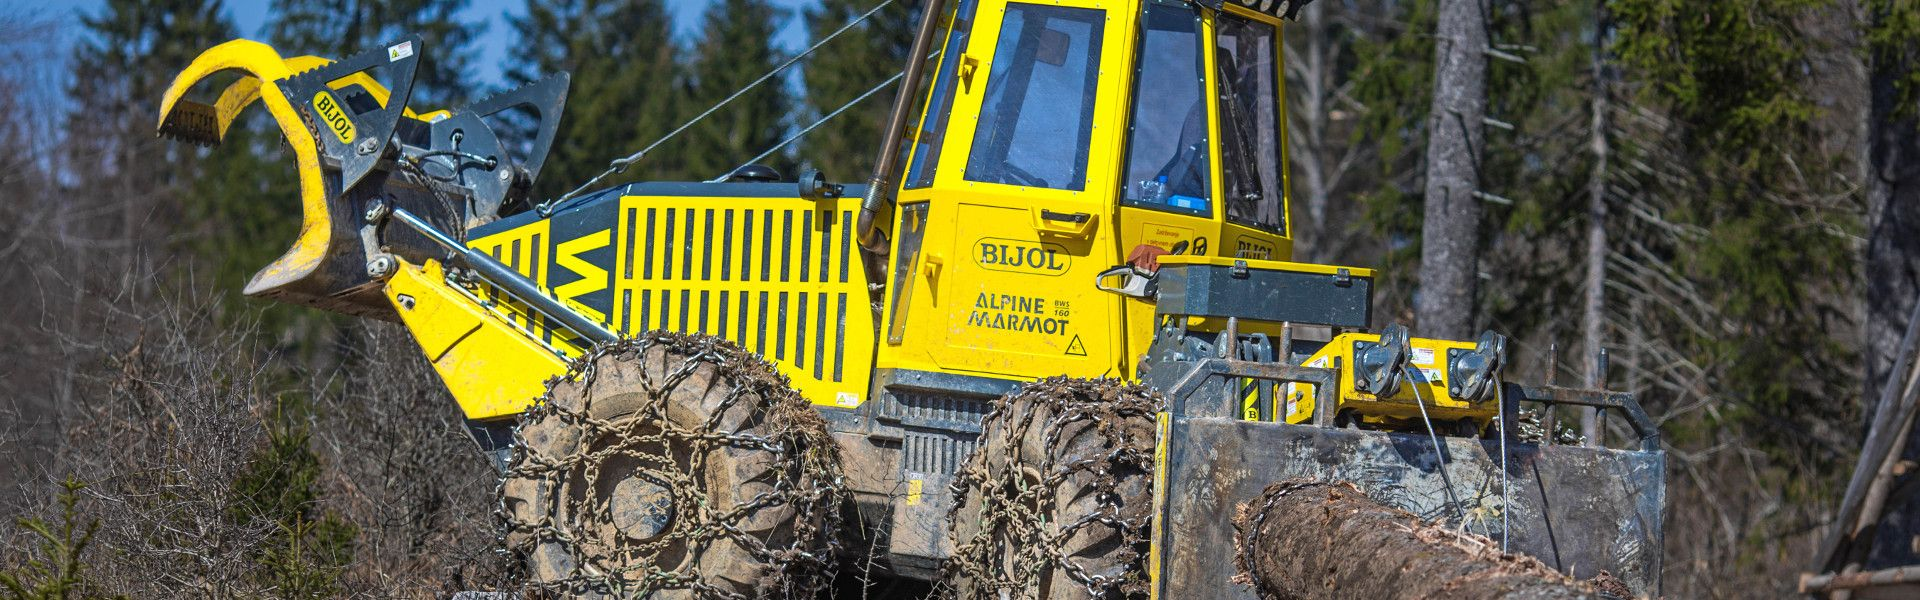 Specialni gozdarski zgibnik Bijol BWS160